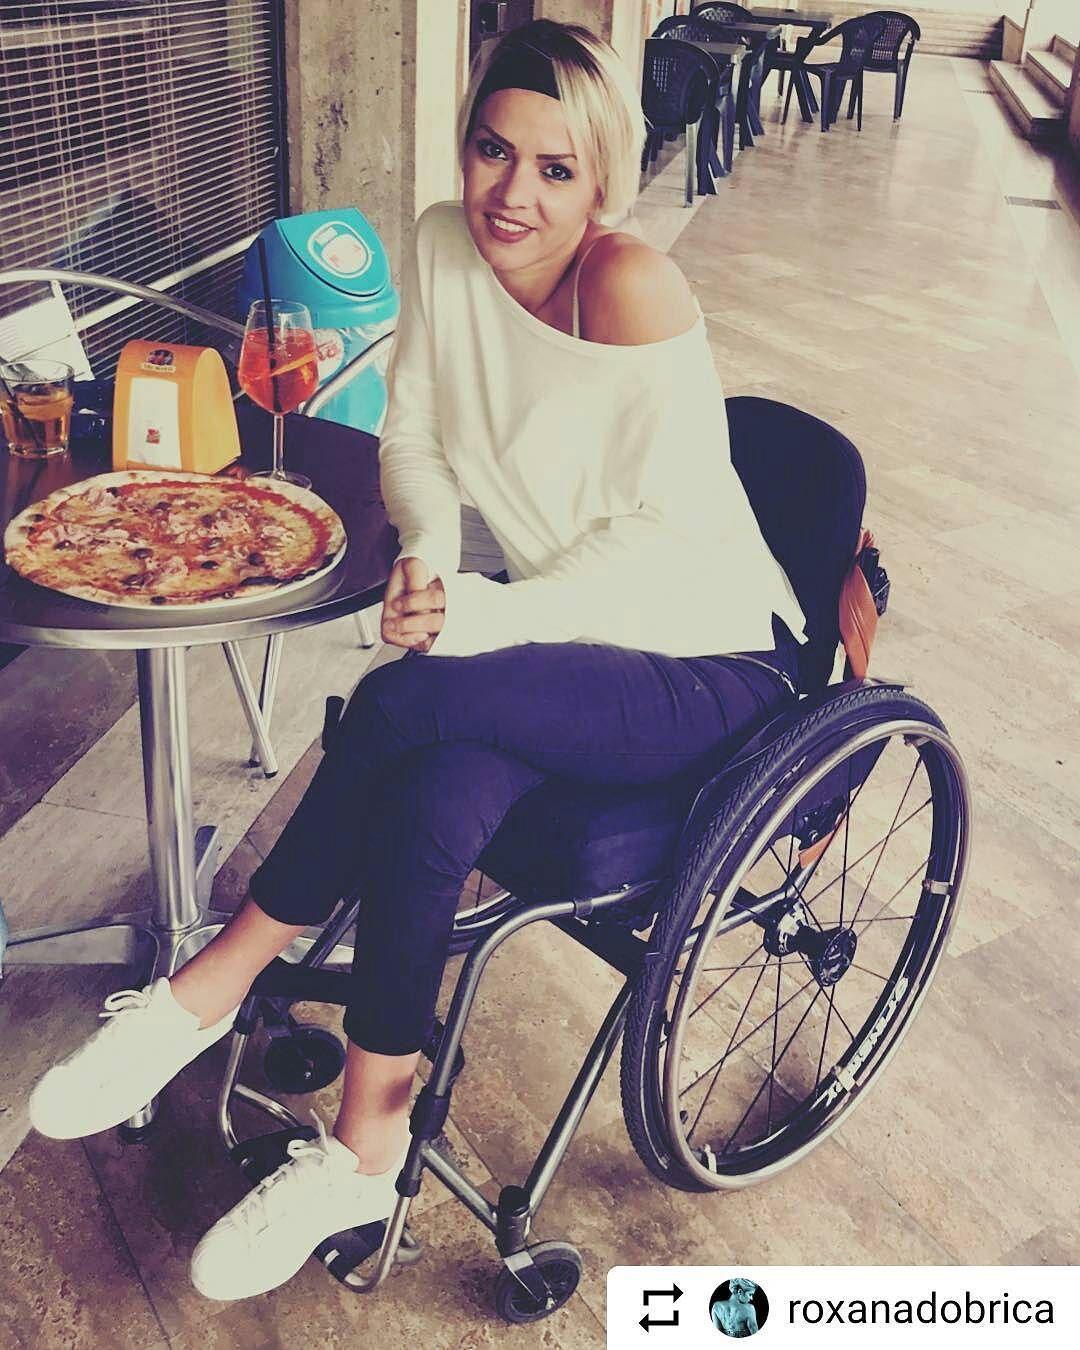 Путешествия, спорт, любовь: девушки с инвалидностью - мастер-класс по счастливой жизни